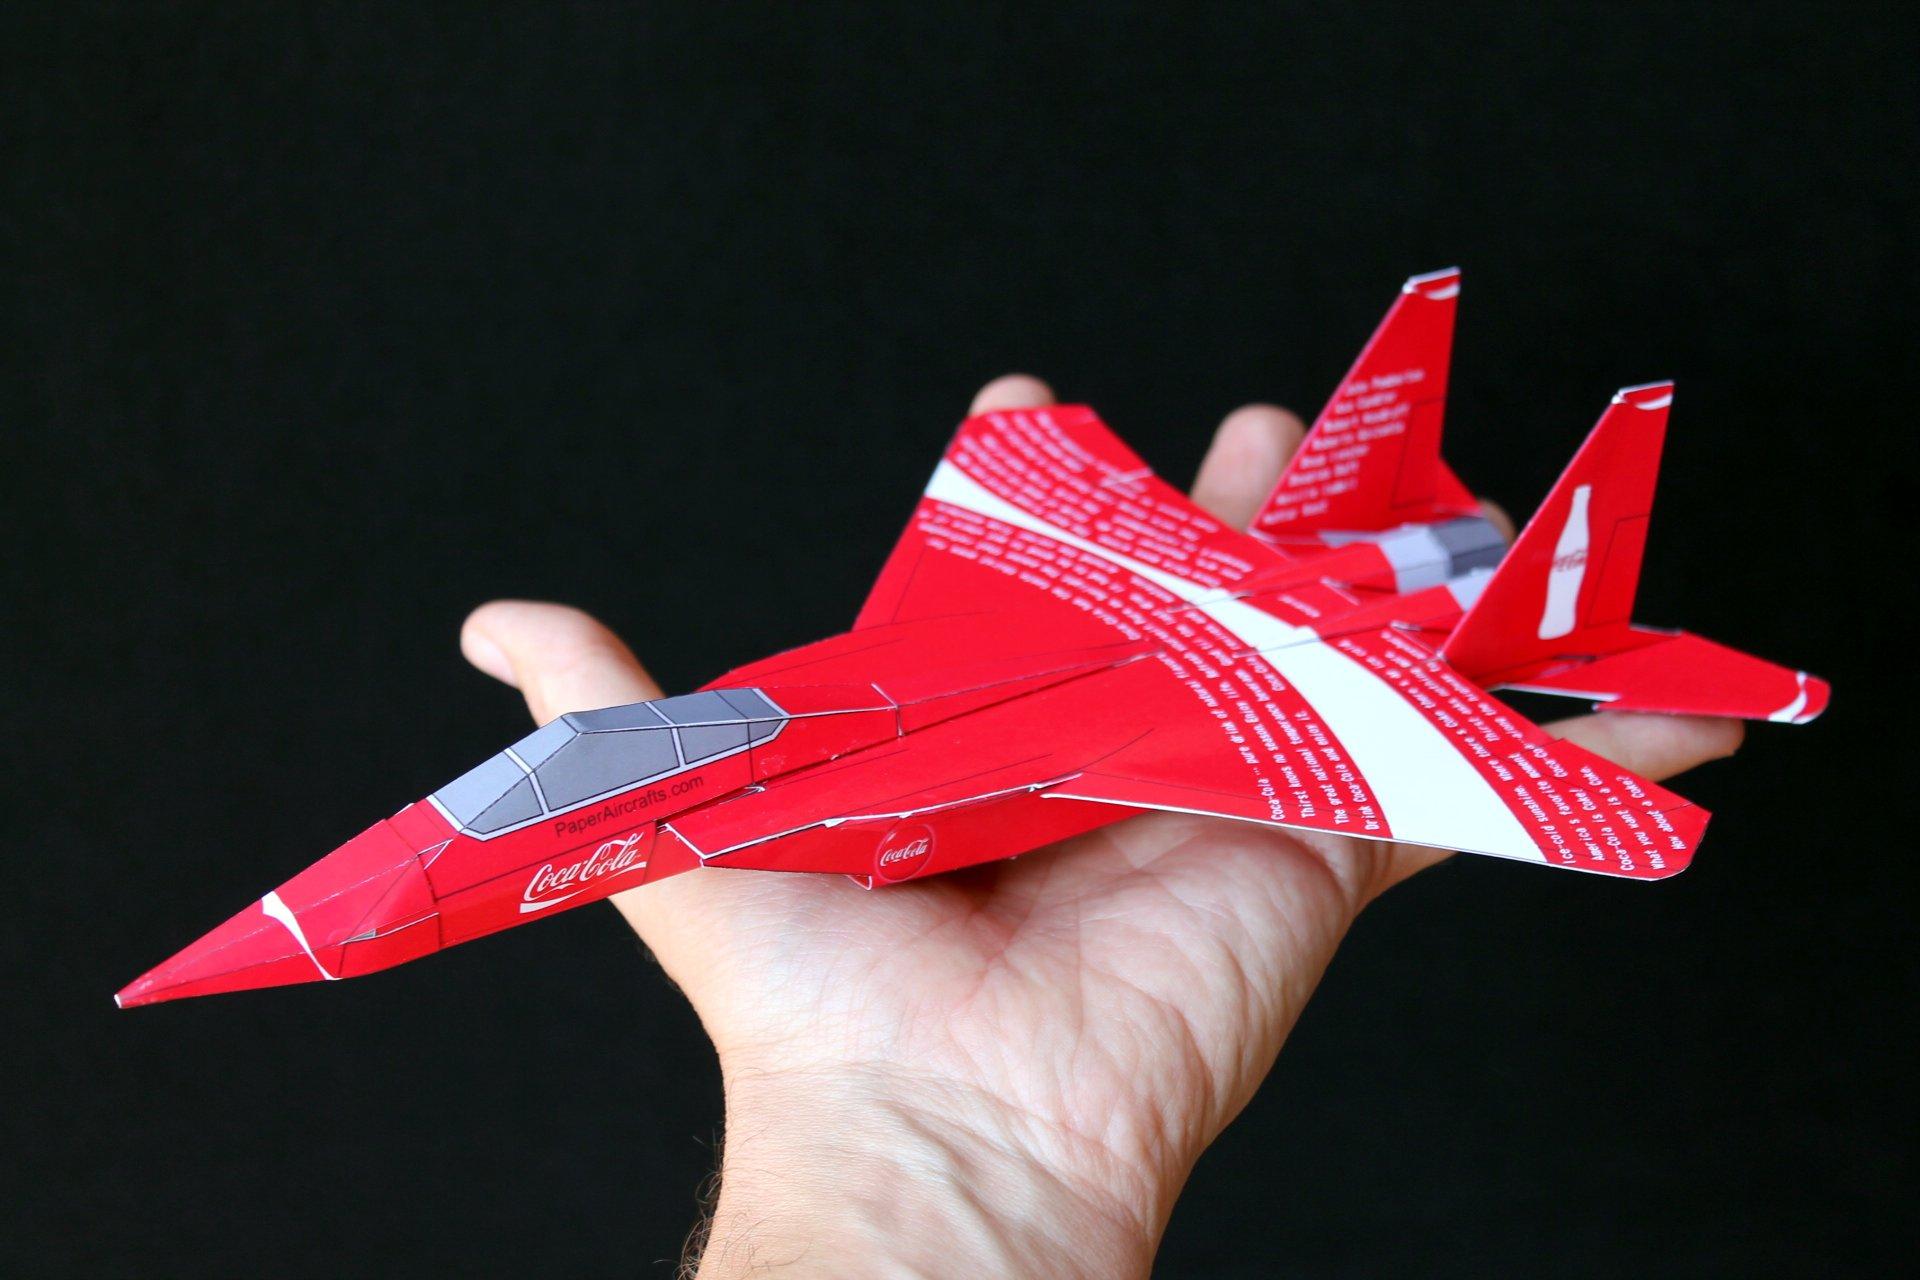 Coca-Cola Paper-F15-17